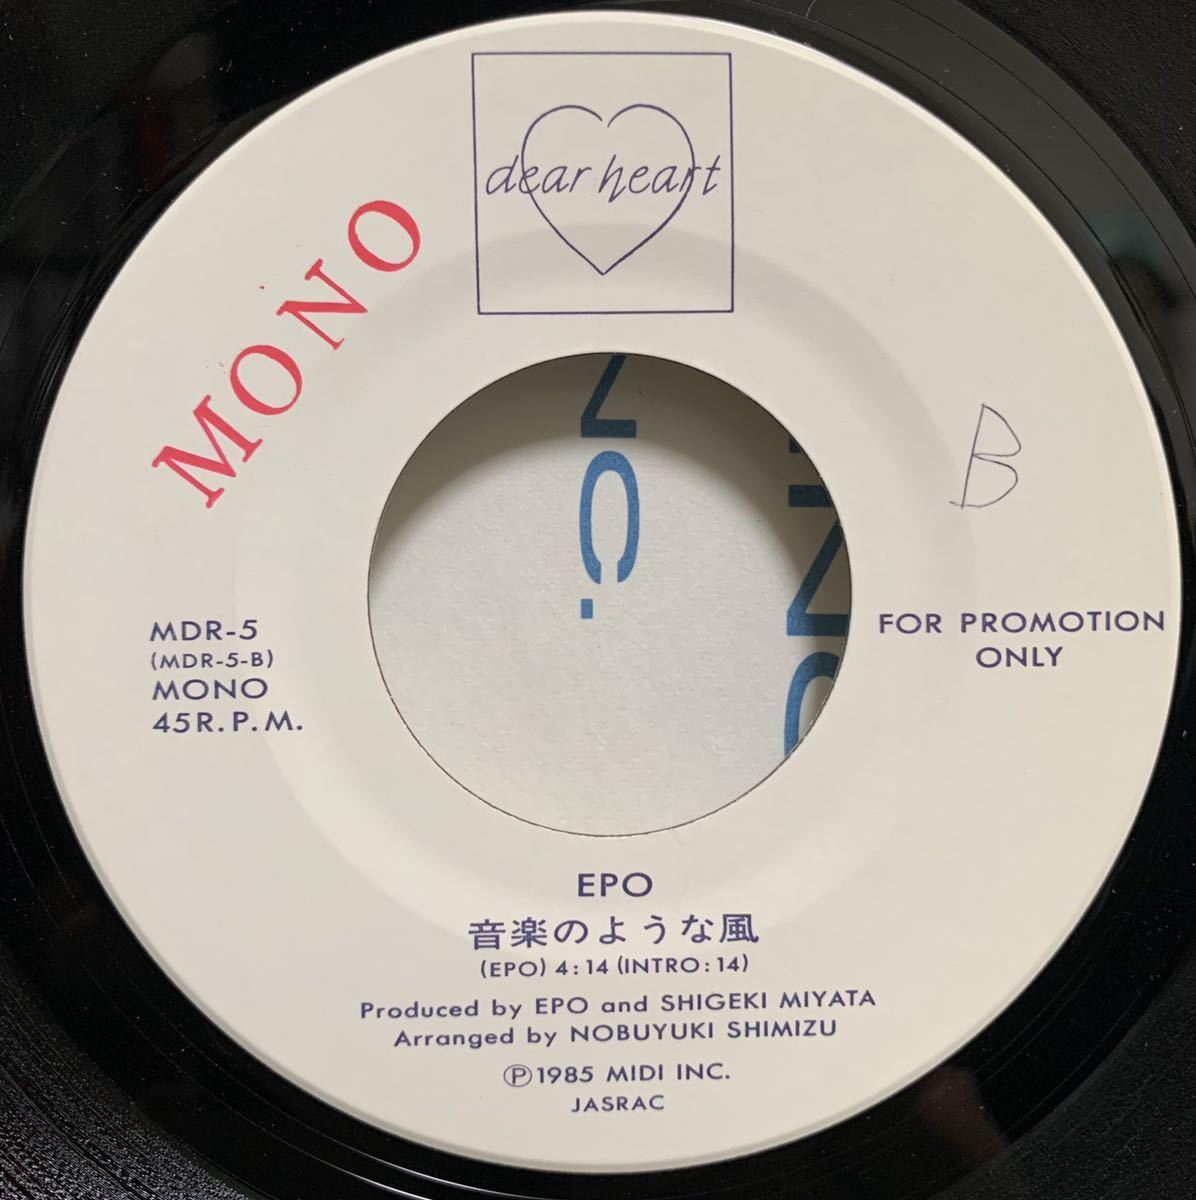 【EP】【7インチレコード】激レア 85年 非売品 見本盤 プロモオンリー EPO エポ / 音楽のような風 和モノ 極上 アーバンブギー_画像5